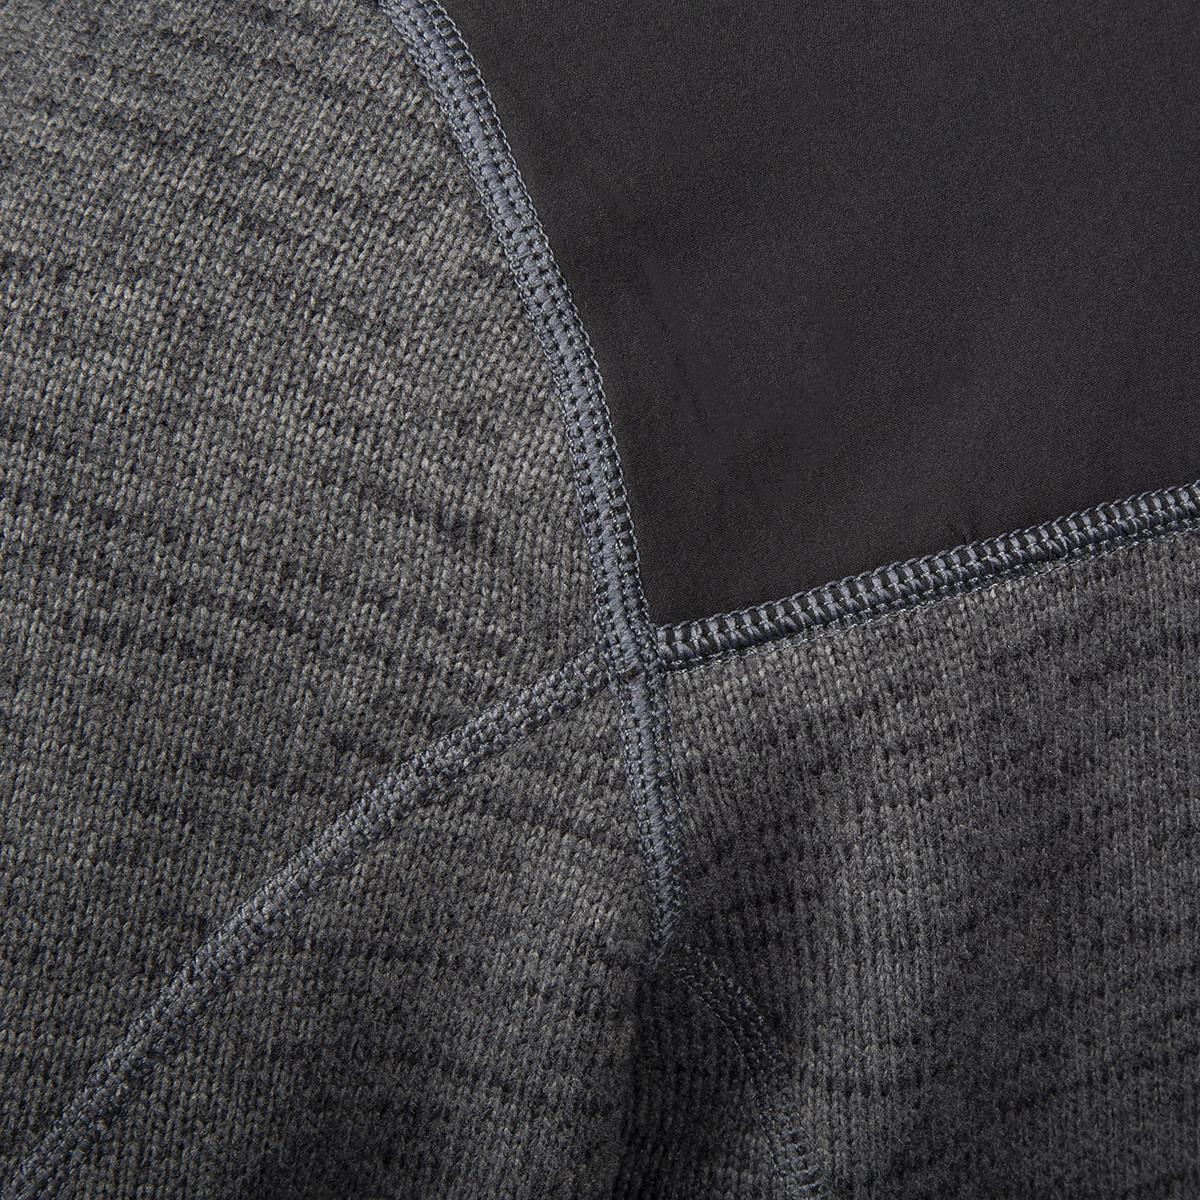 Yukon stitching detail